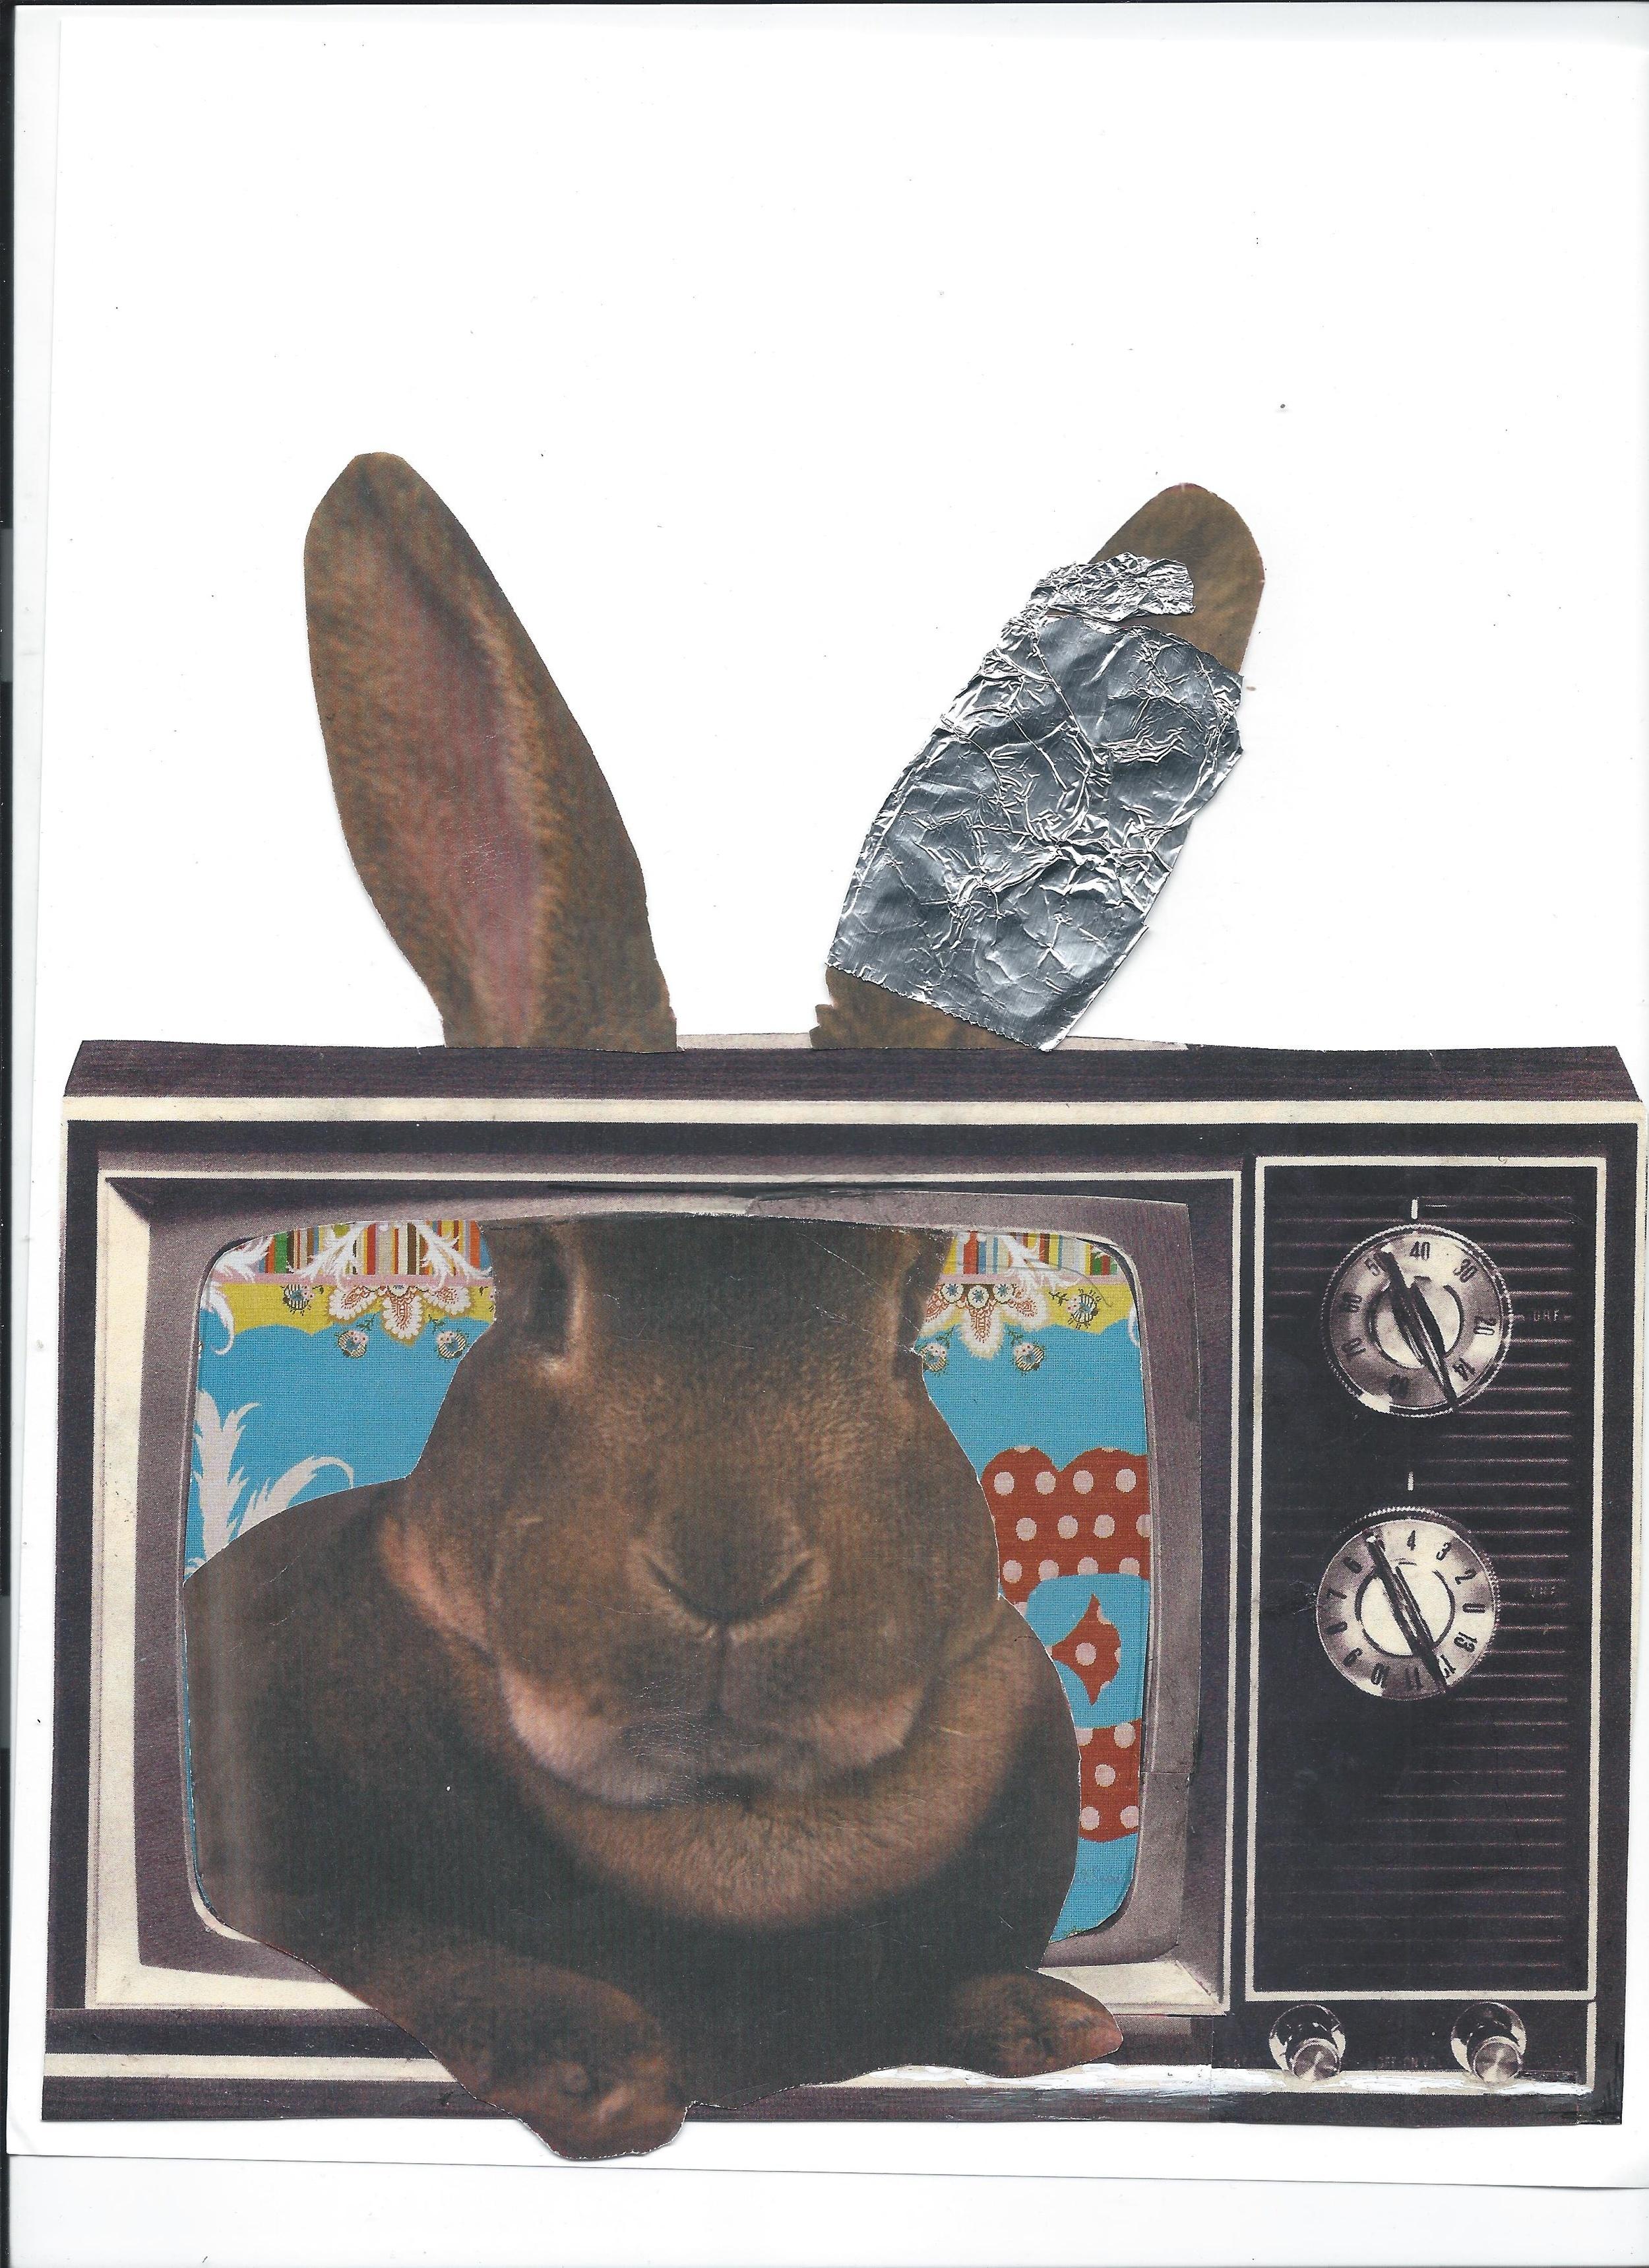 cover for rabbit ears anthology tin rabbit ears-1.jpg